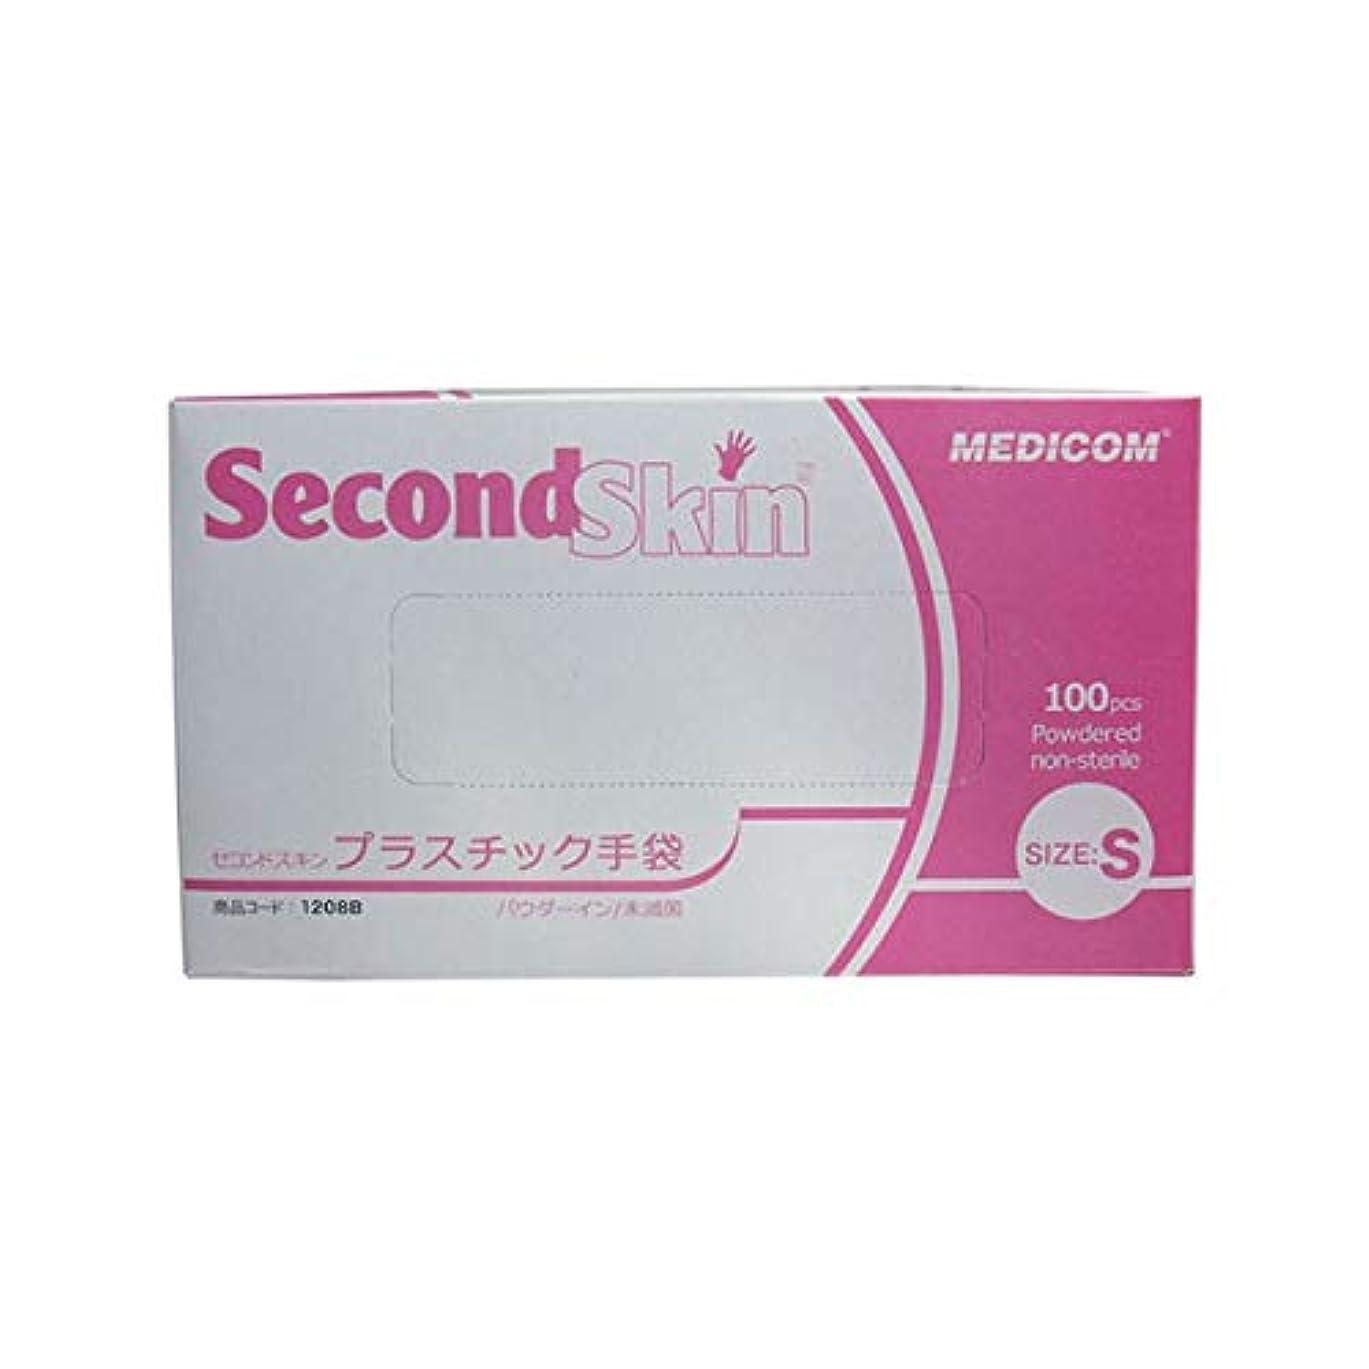 おとこ宣言する行動使い捨て手袋 セコンドスキン プラスチック手袋 粉付き 100枚入X10箱 サイズ選択可 メディコム (S)